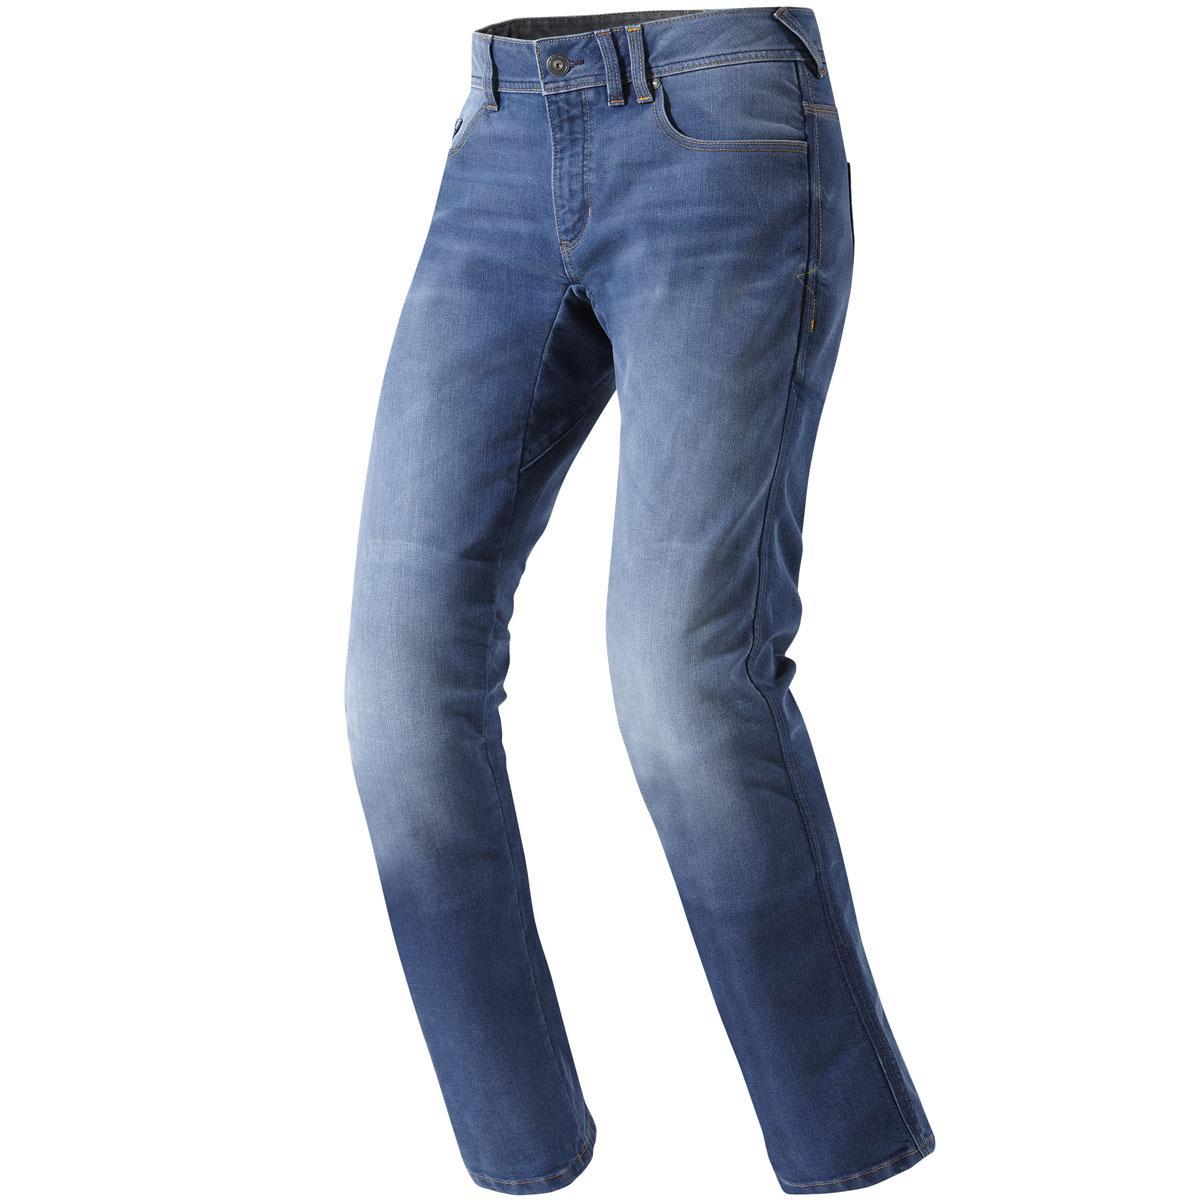 Джинсовые брюки Revit Jersey р.34 L34 (с кевларовыми вставками) текстиль light blue